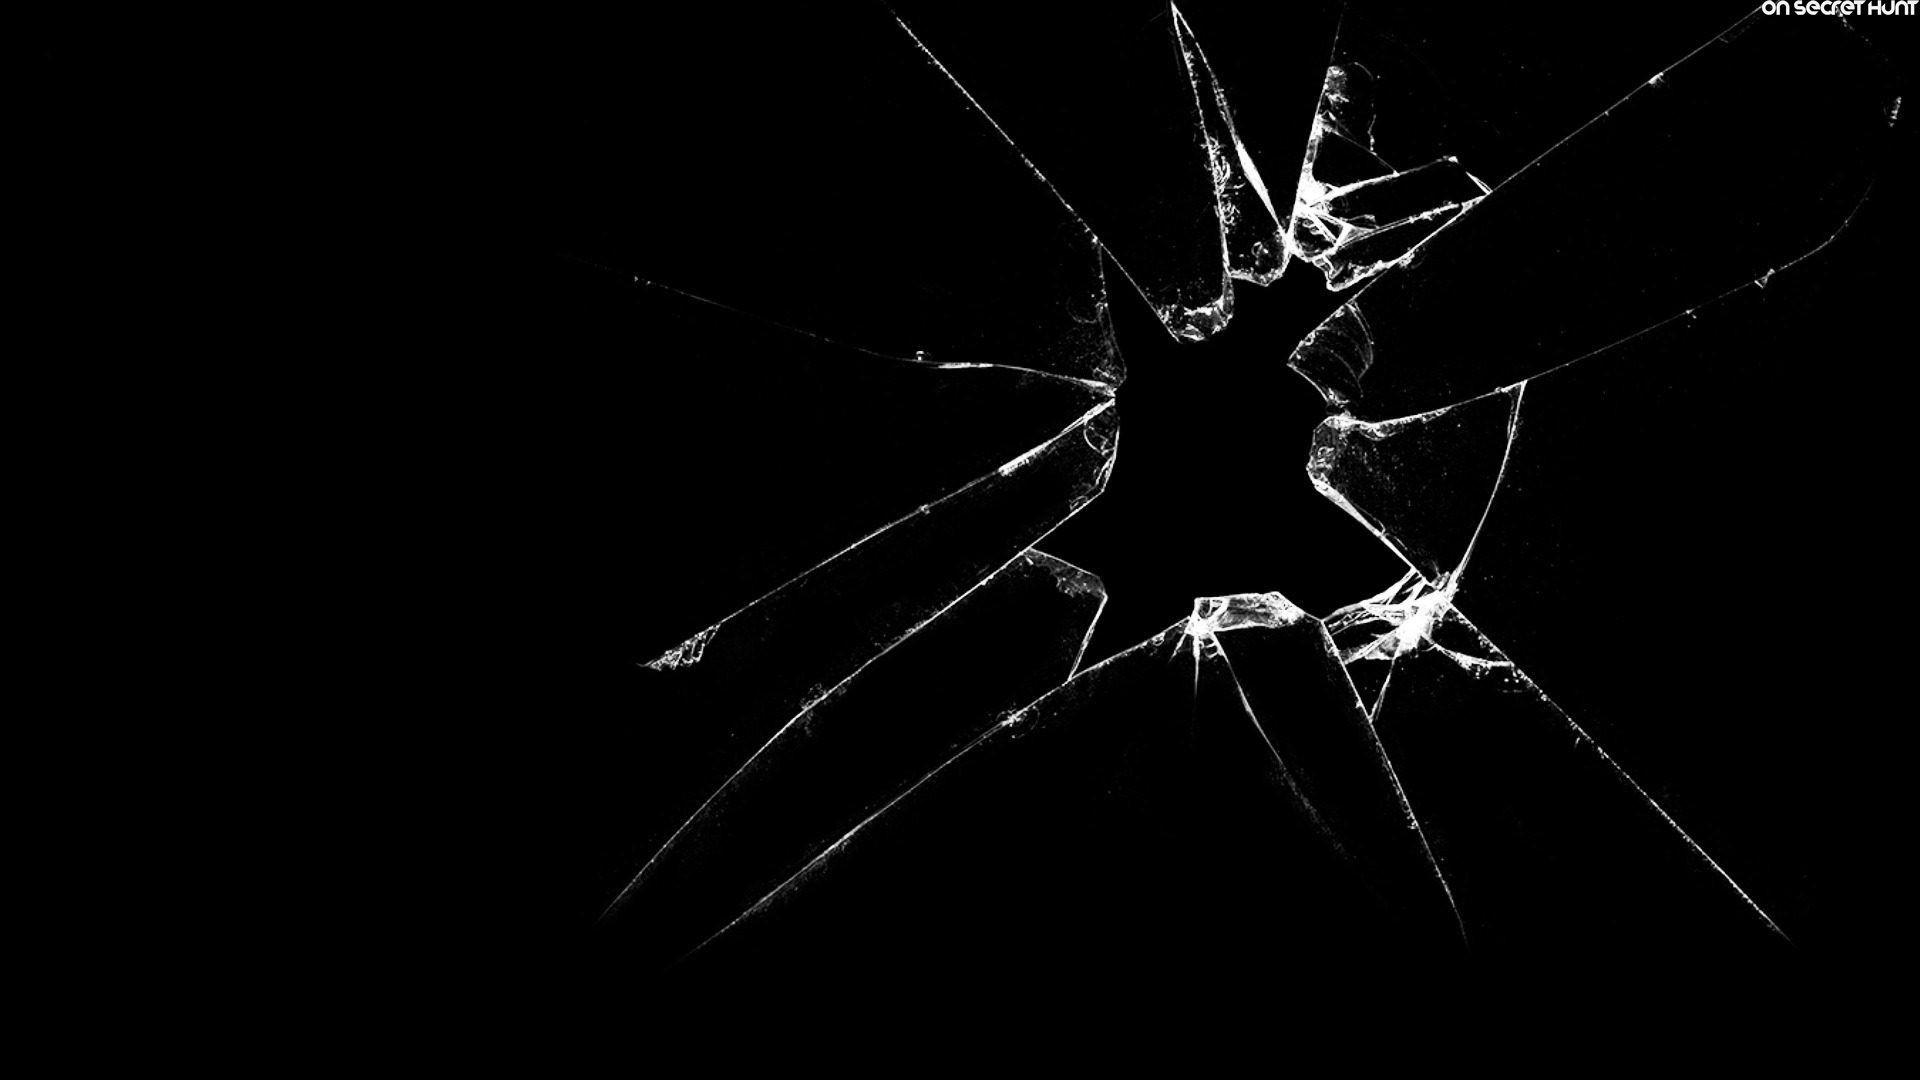 Broken Glass Wallpaper Hd